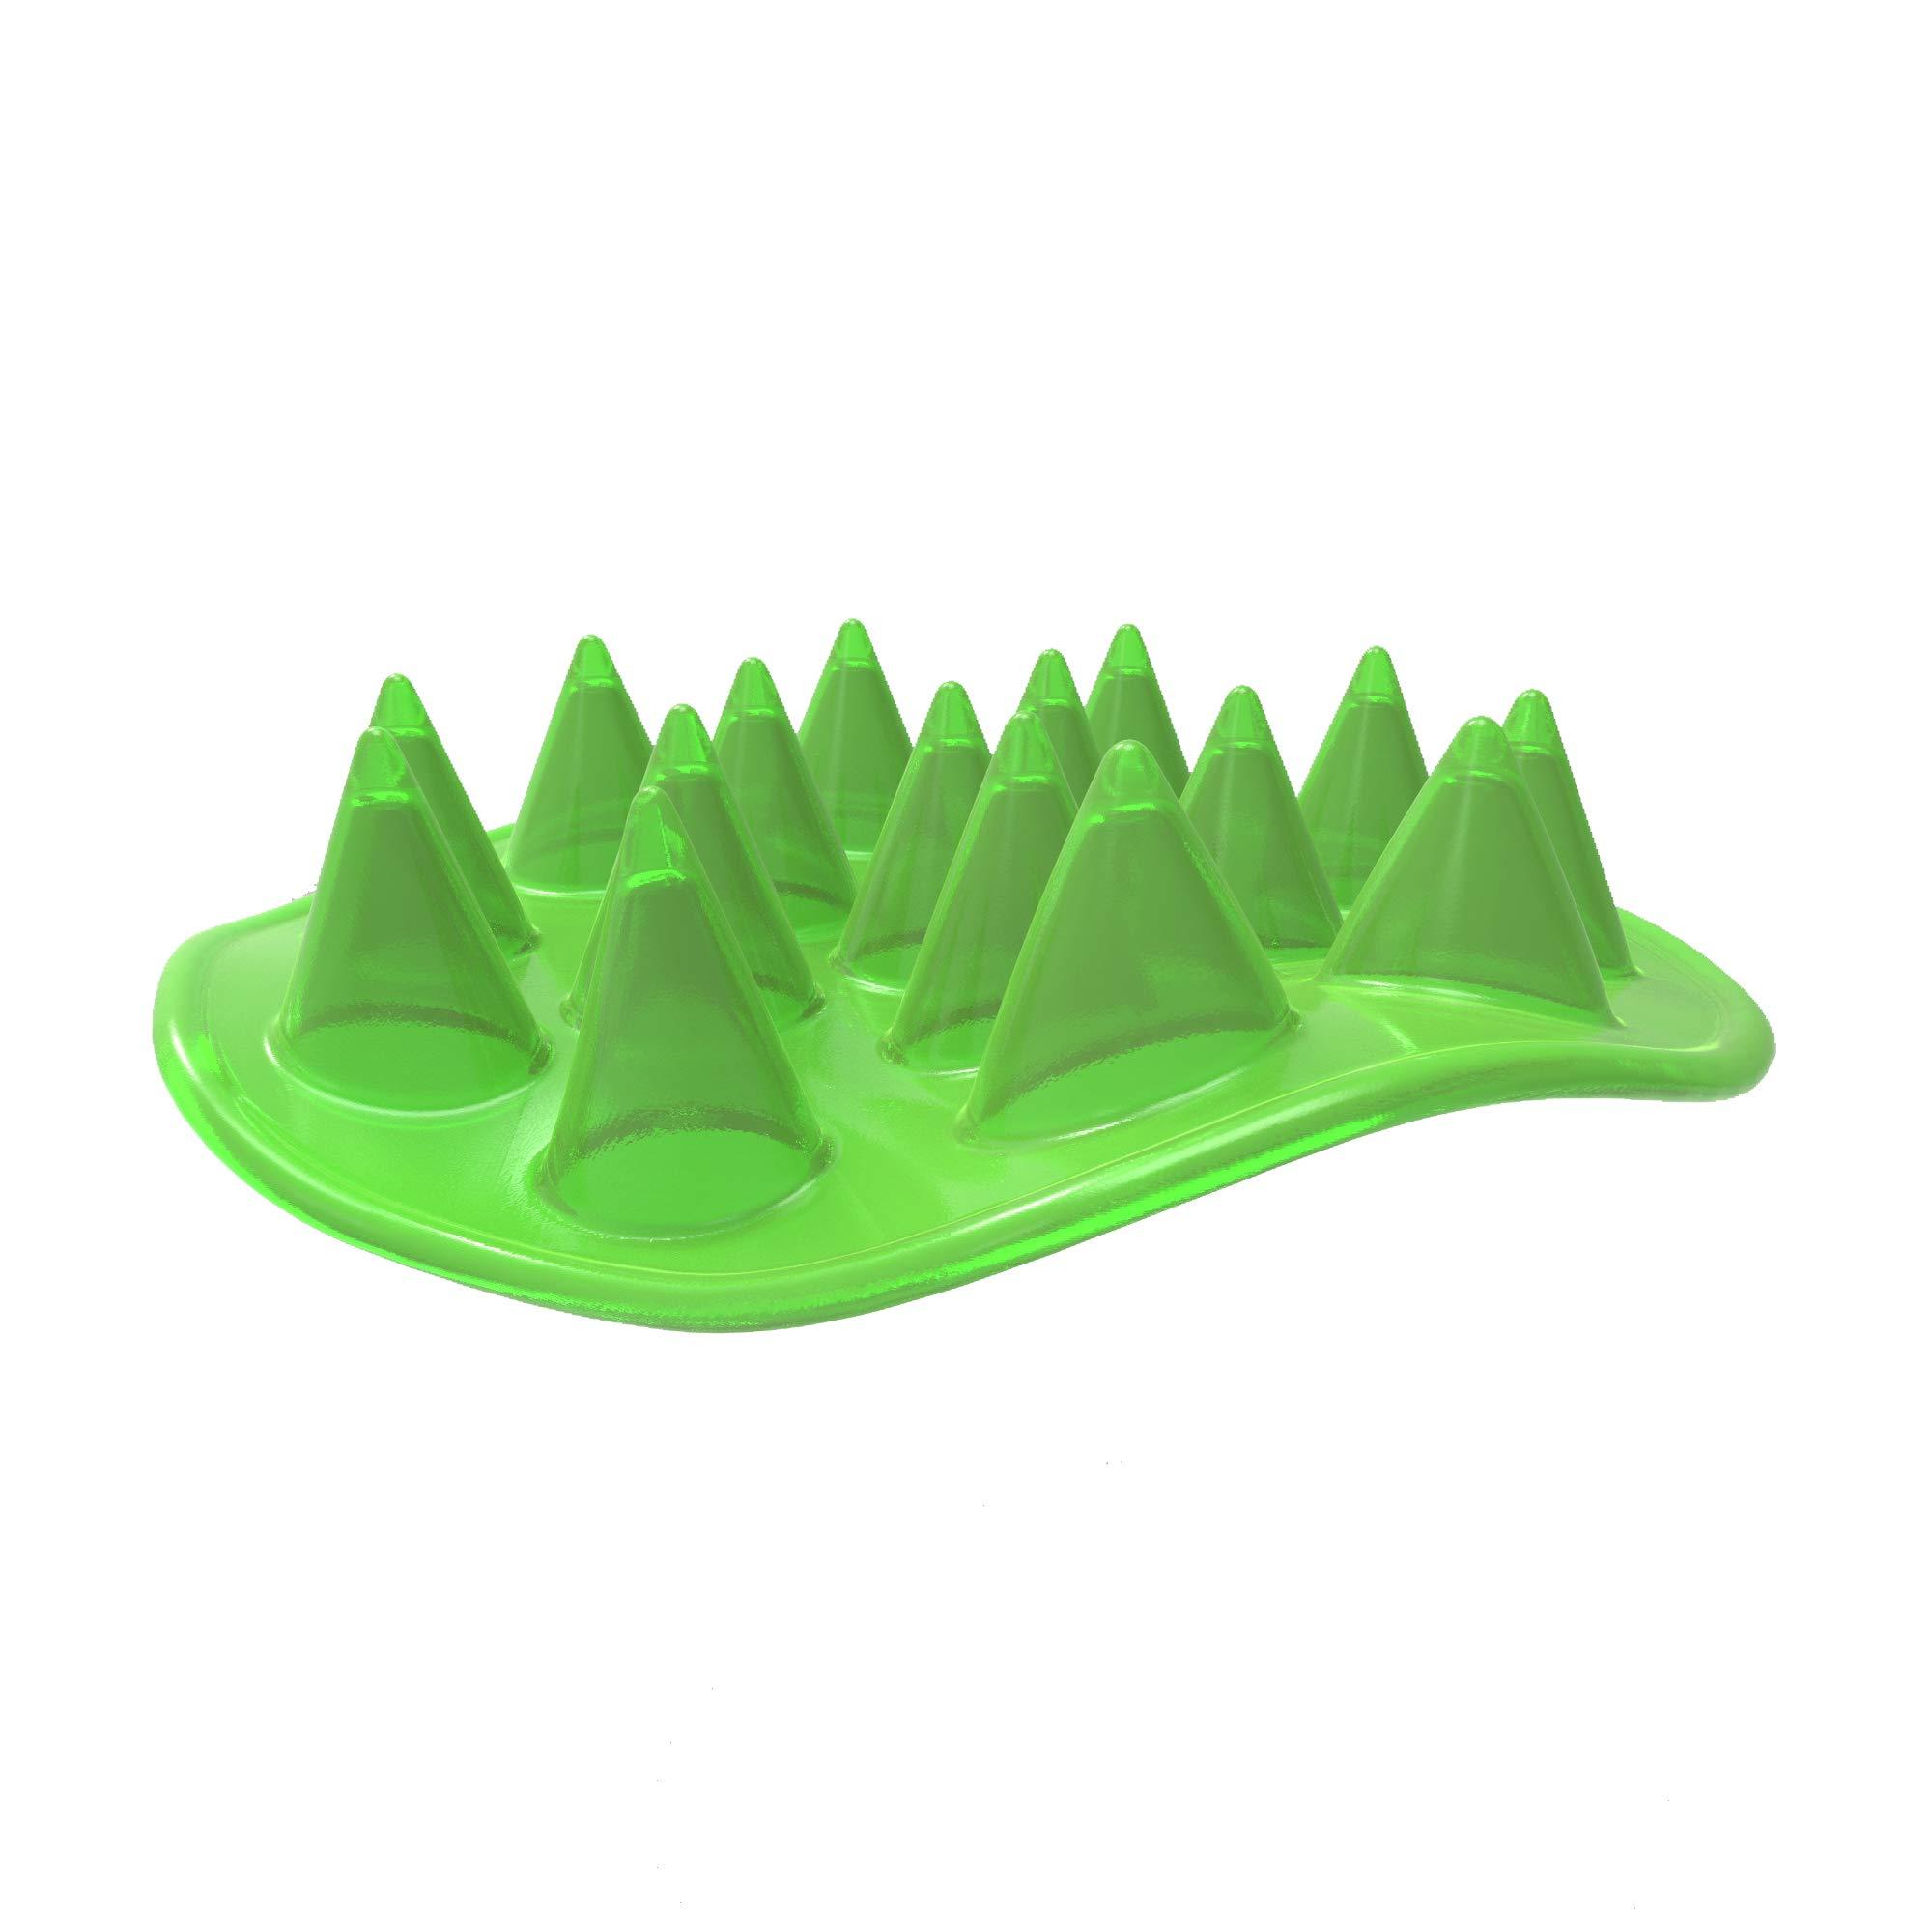 Floppy Spike Dog Frisbee Soft: Best Flexible Flying Dog Toy   Made in USA   Medium & Large Dog Frisbee   Best Dog Toy…